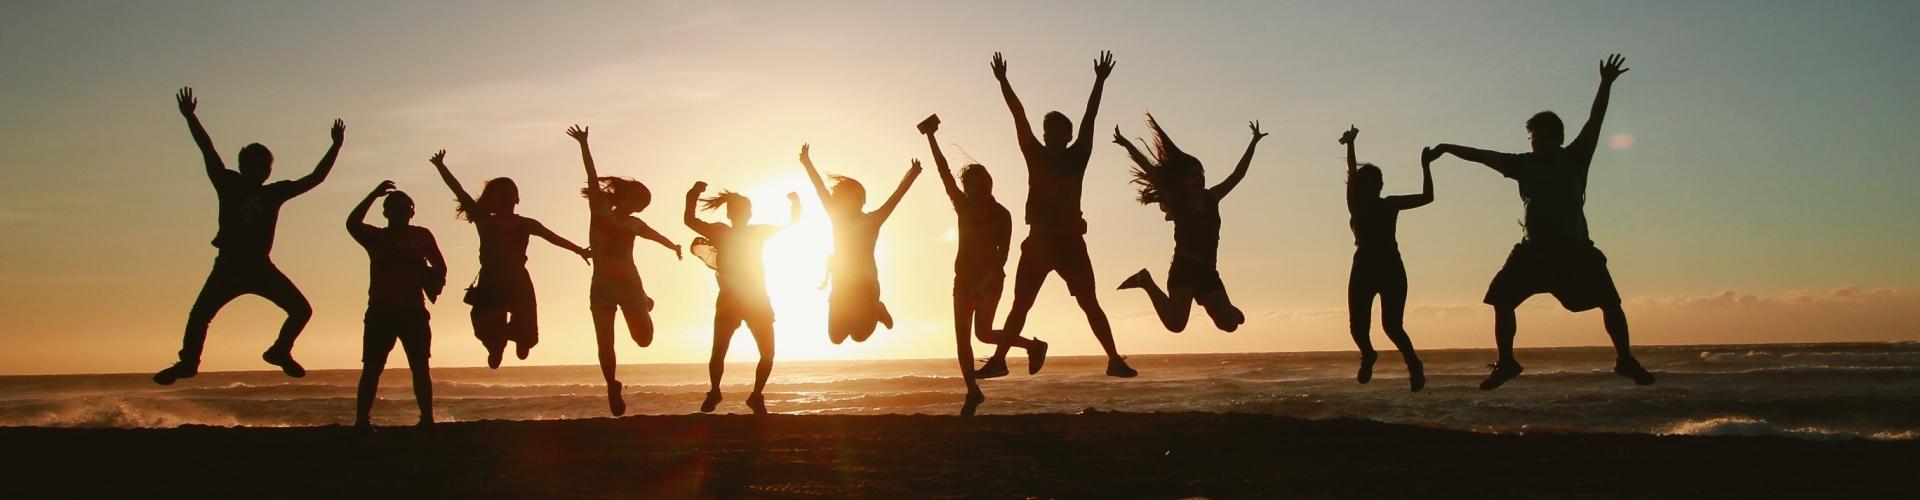 Groep van 11 mensen juichen bij zonsondergang